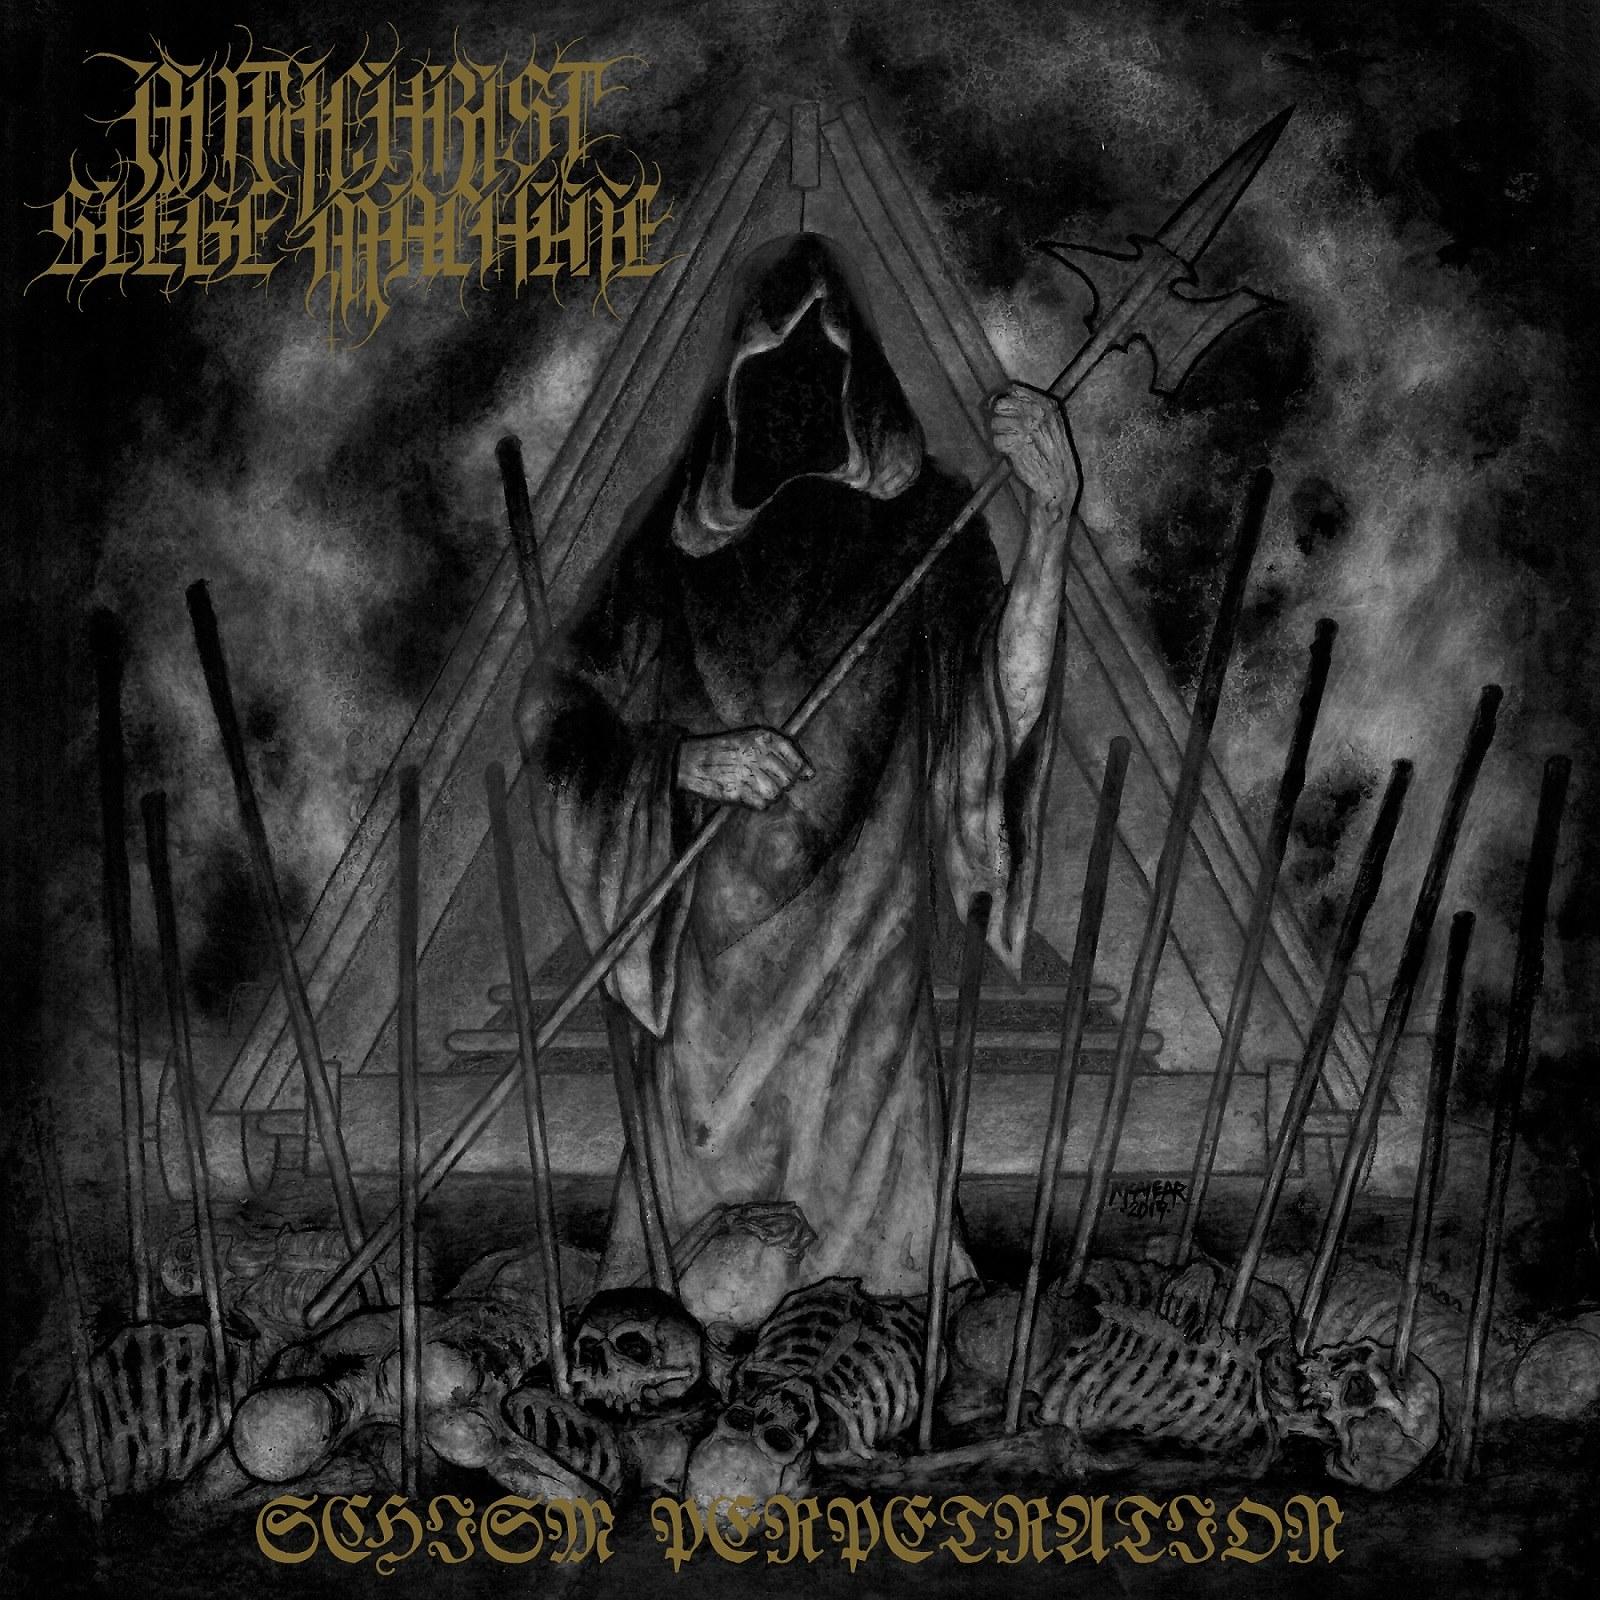 Antichrist Siege Machine - Schism Perpetration